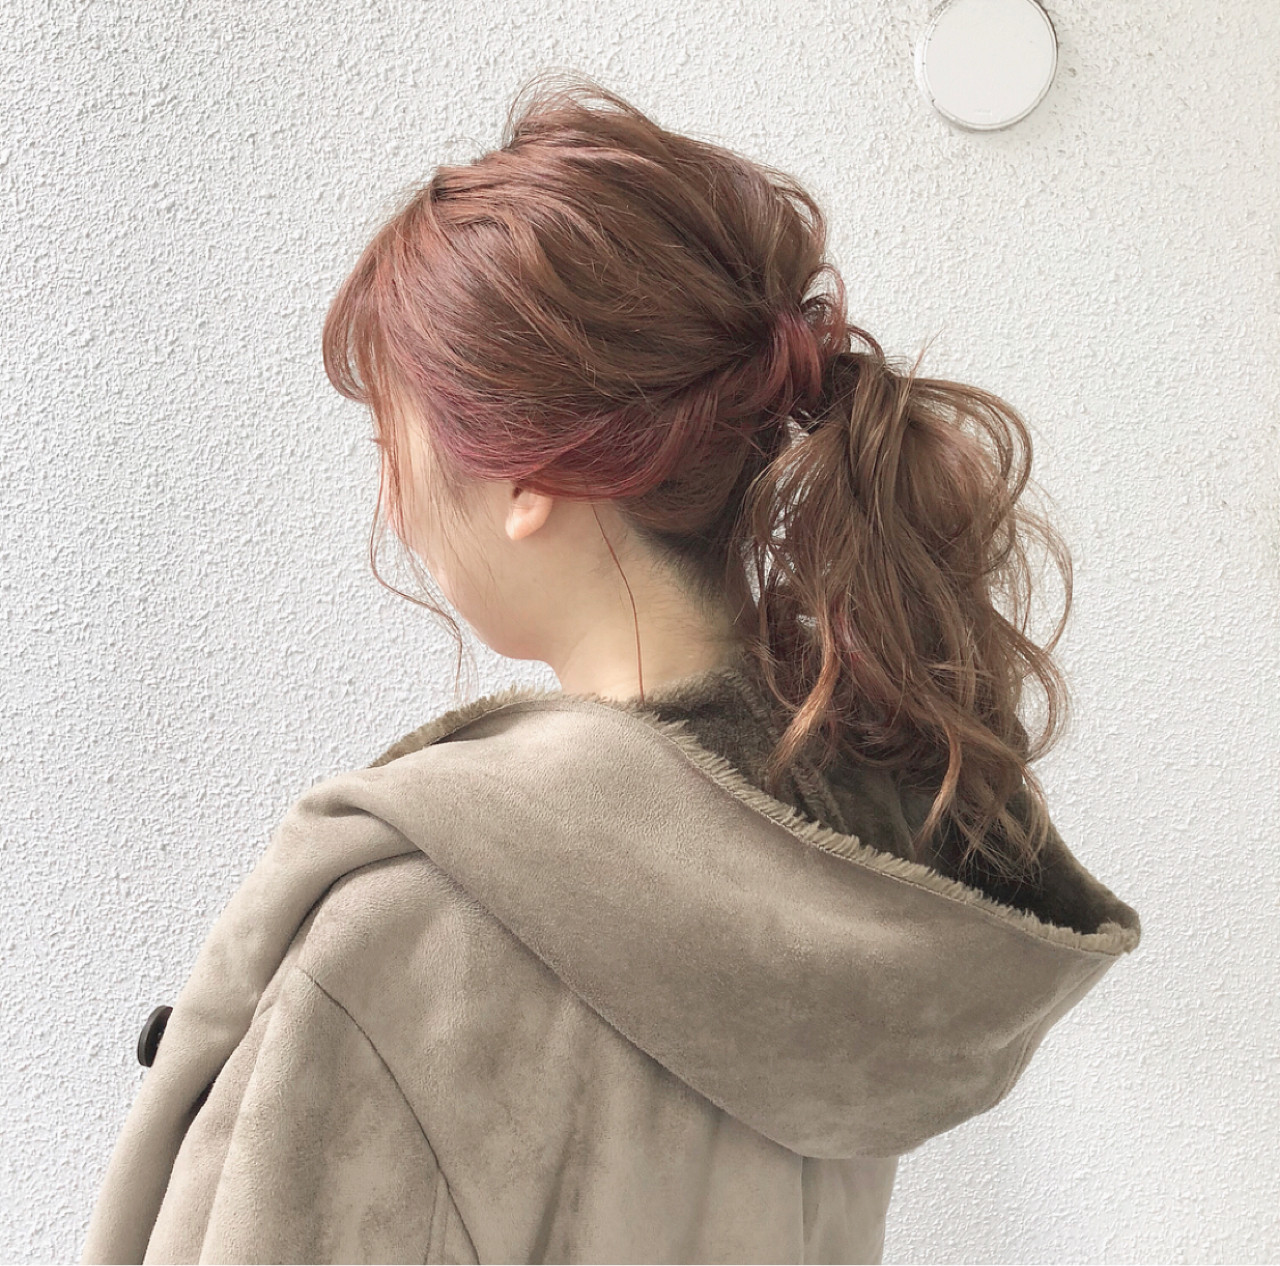 ポニーテール デート ナチュラル ヘアアレンジ ヘアスタイルや髪型の写真・画像